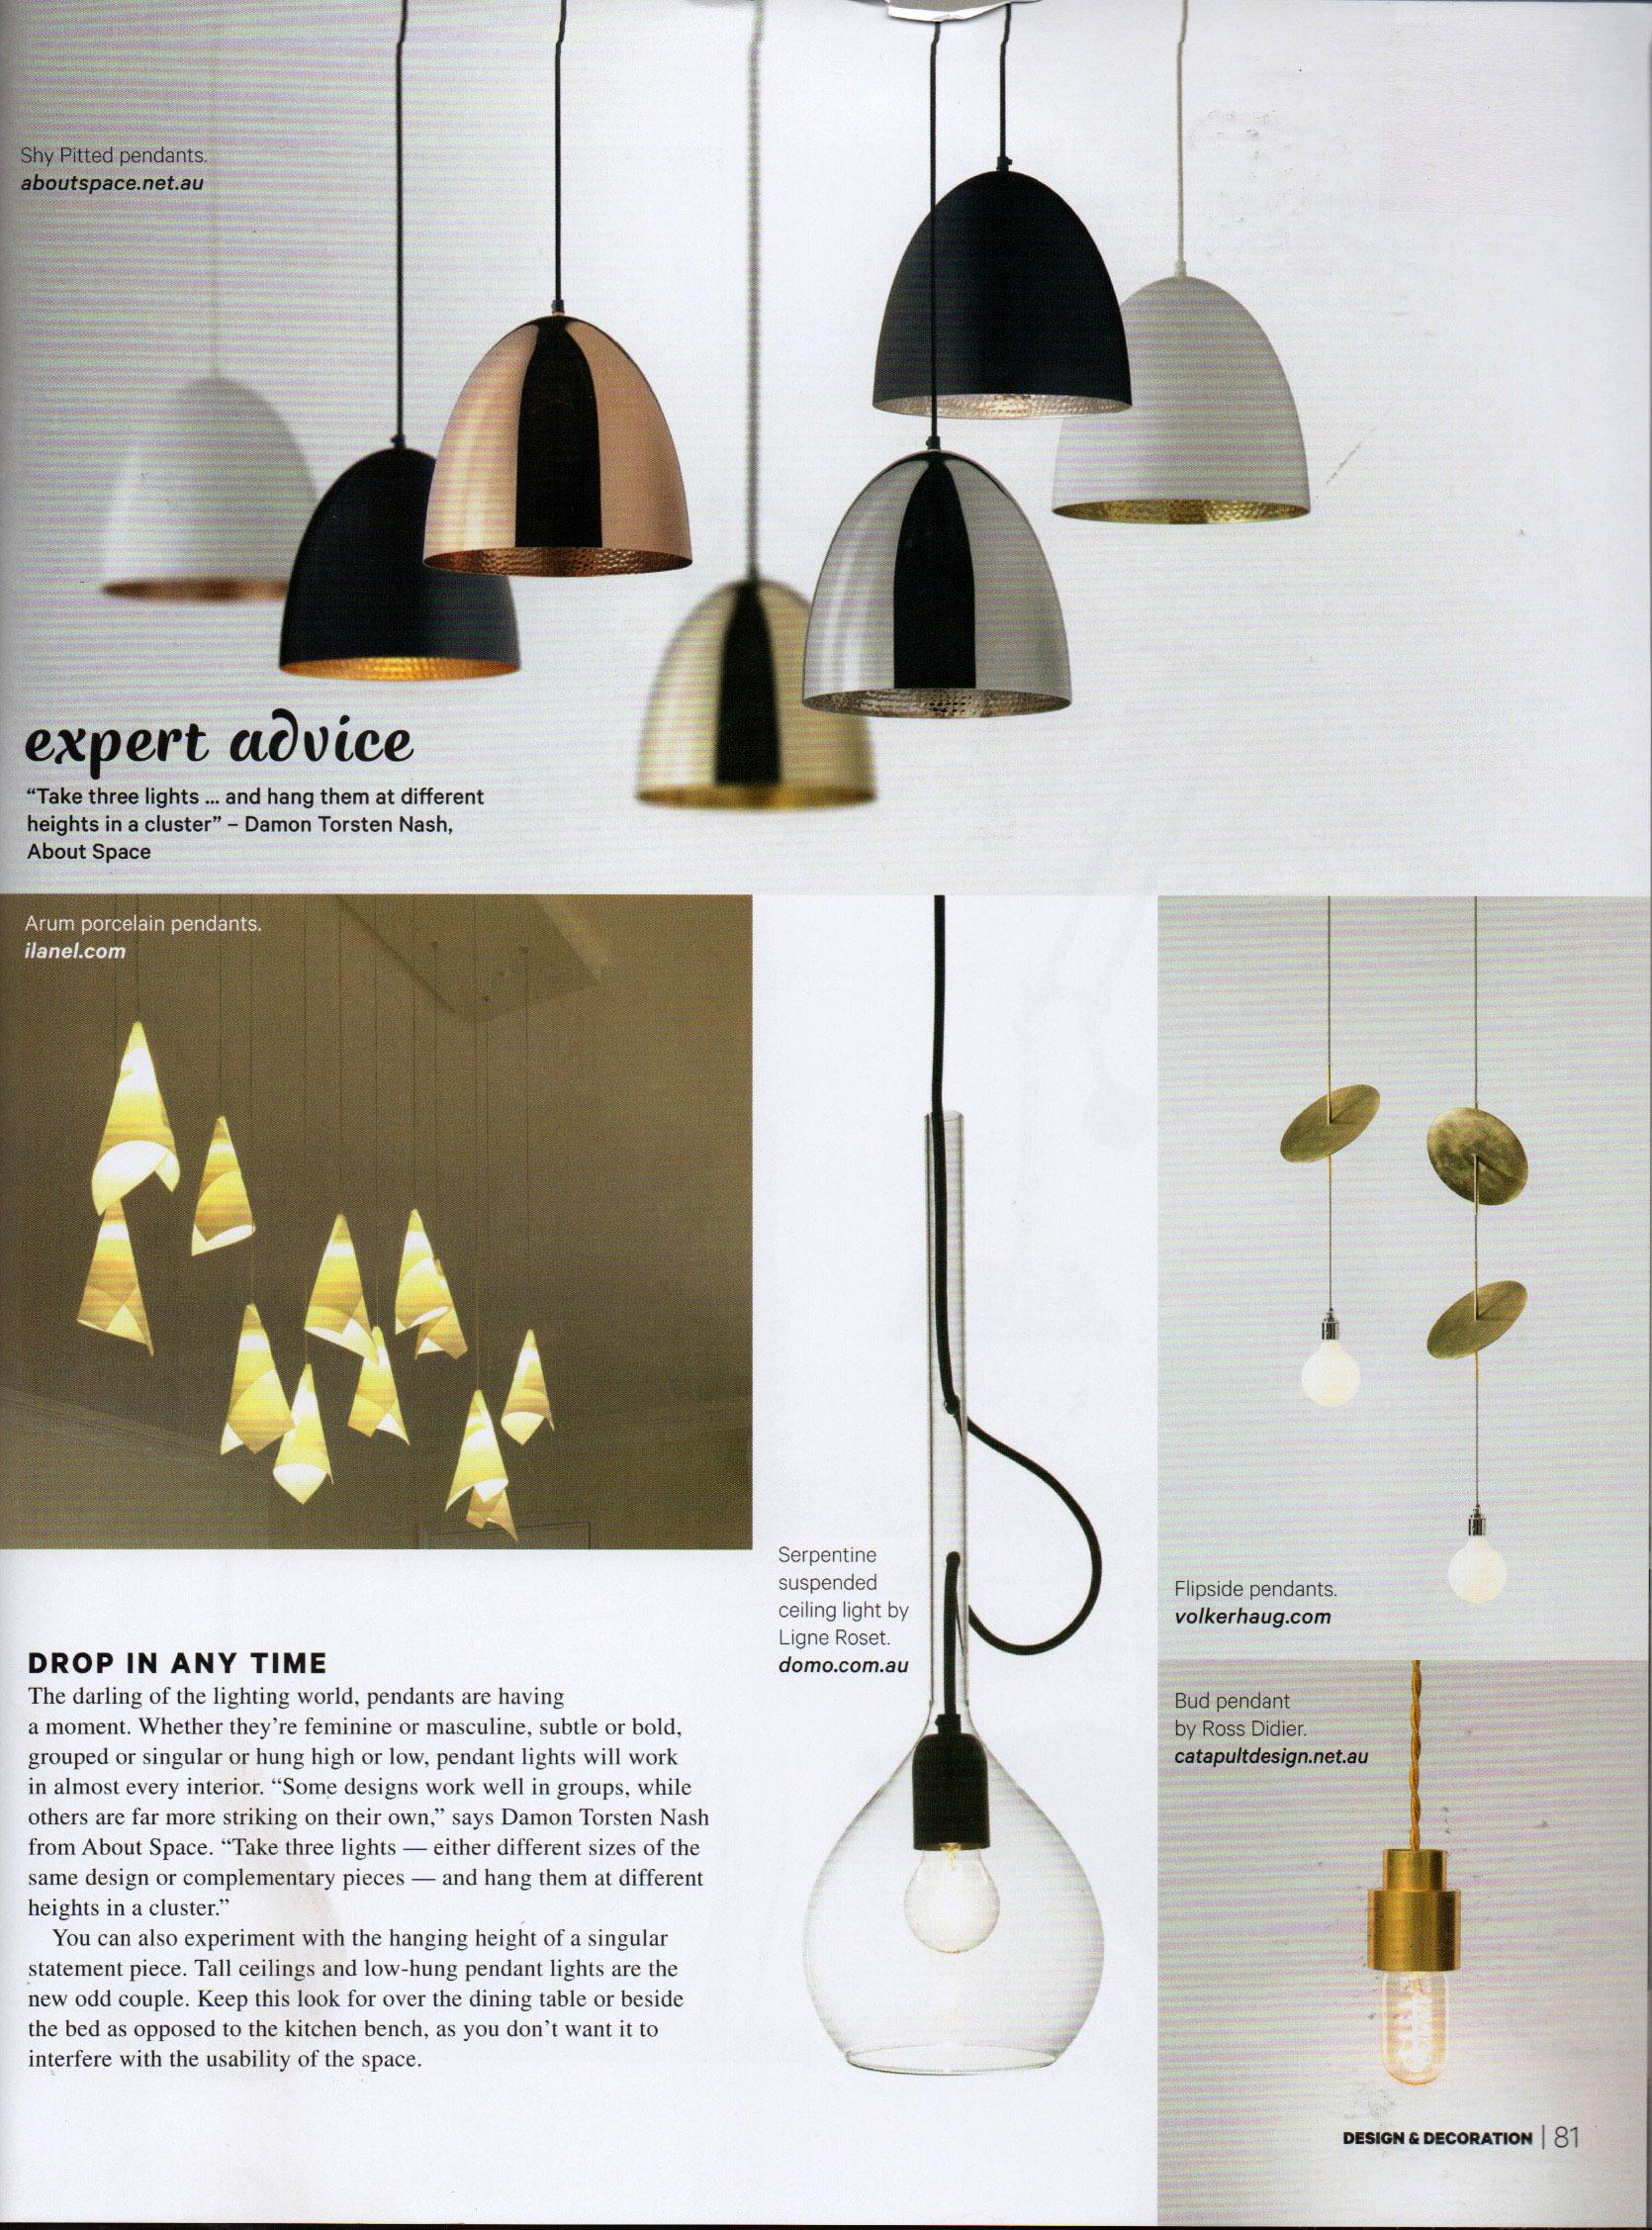 Ilanel - HomeDesign-Design&Decoration - Vol 6 - pg 81.jpg